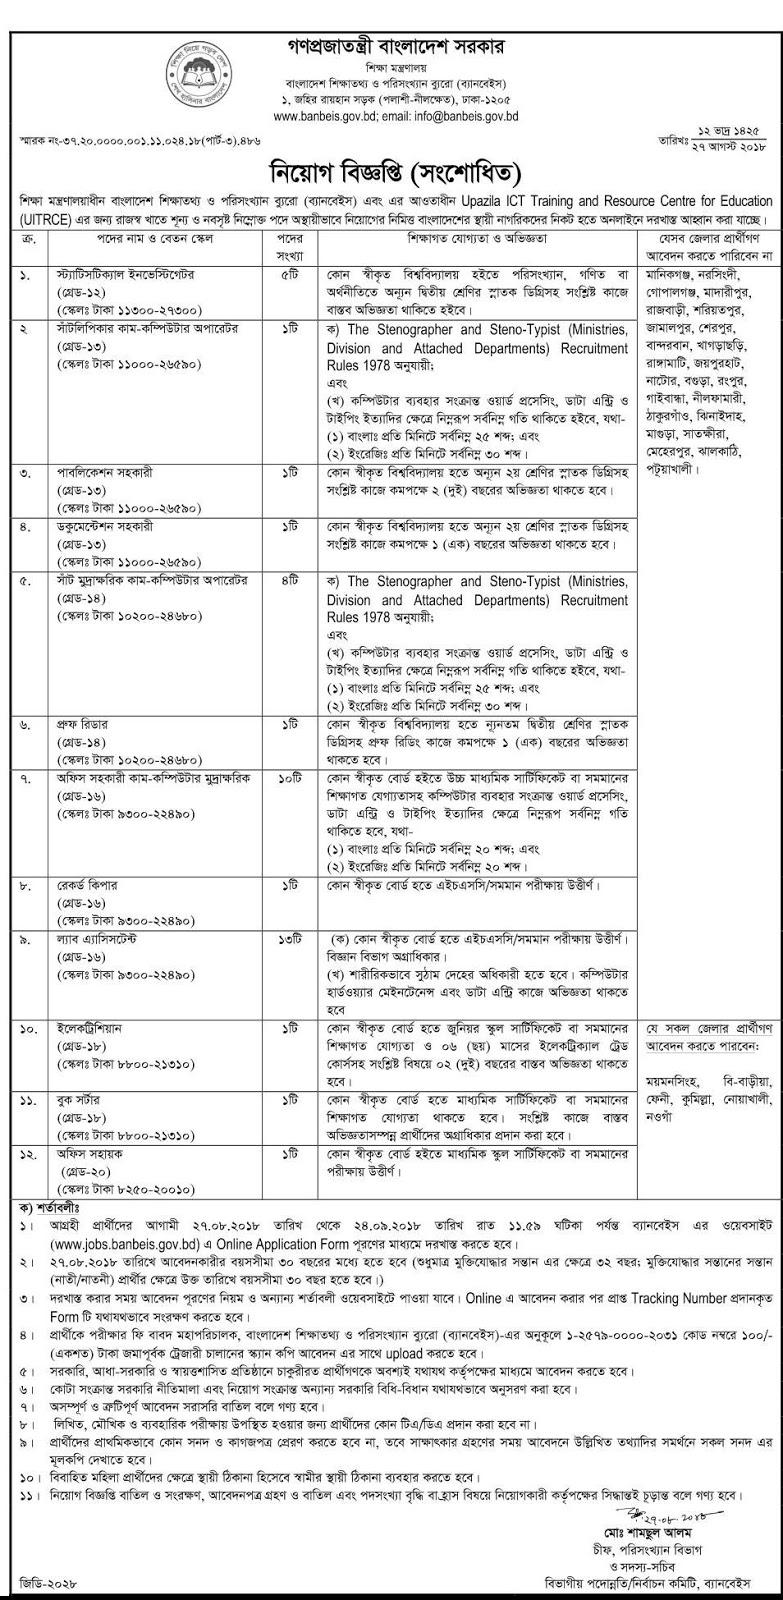 Bangladesh Bureau of Educational Information and Statistics (BANBEIS) Job Circular 2018